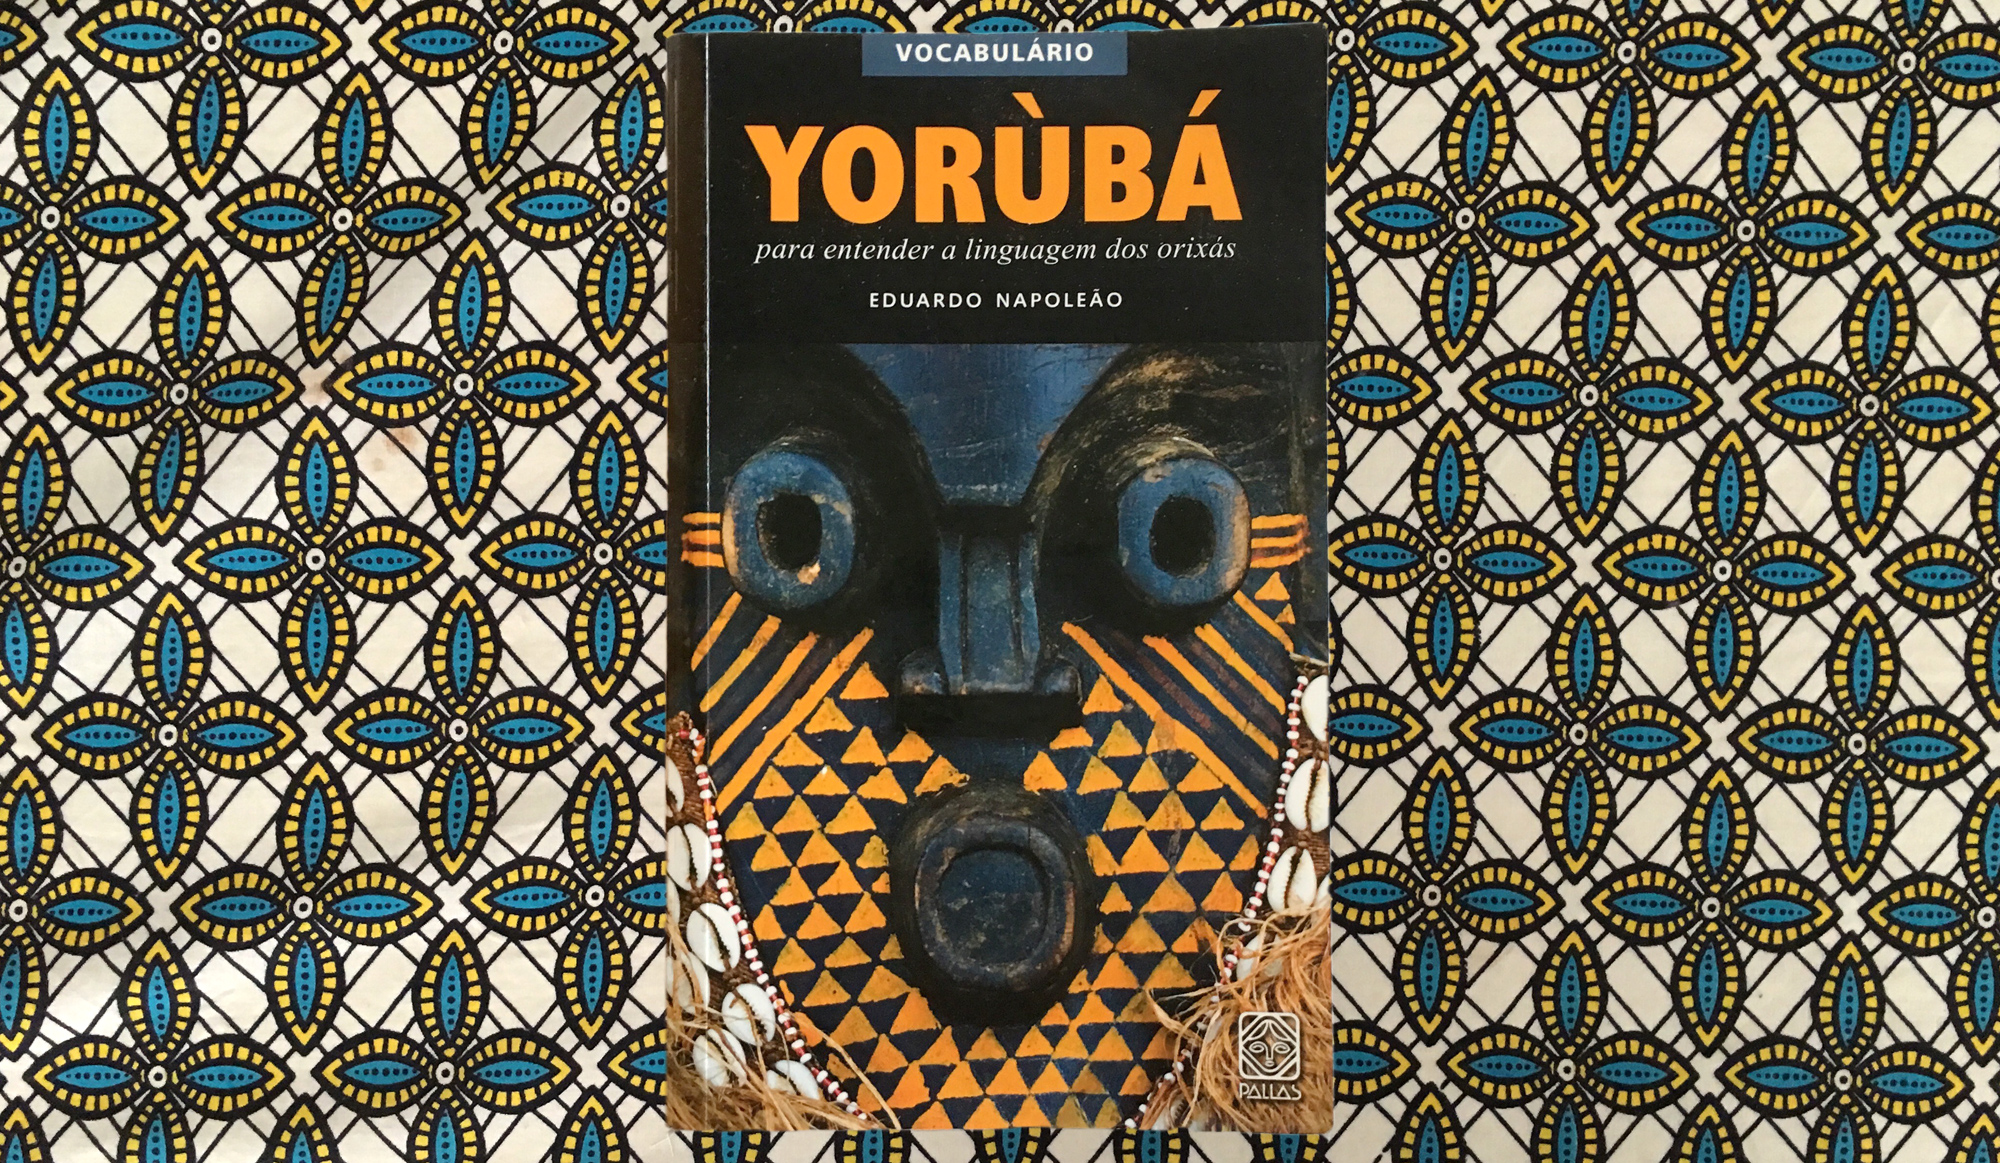 yoruba dictionary review, orisha image, nago, vocabulario nago